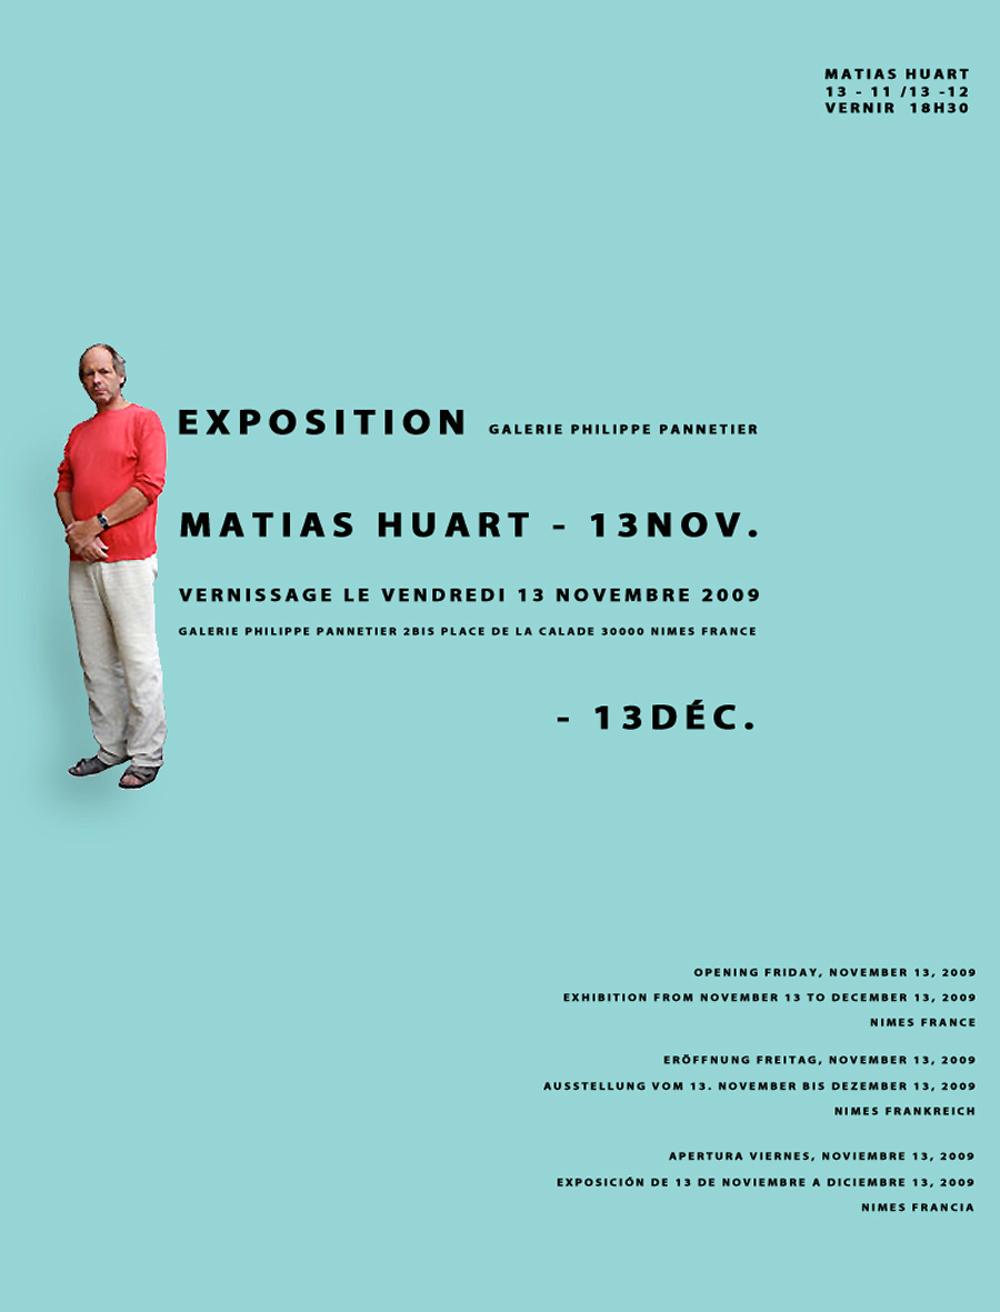 Matias Huart